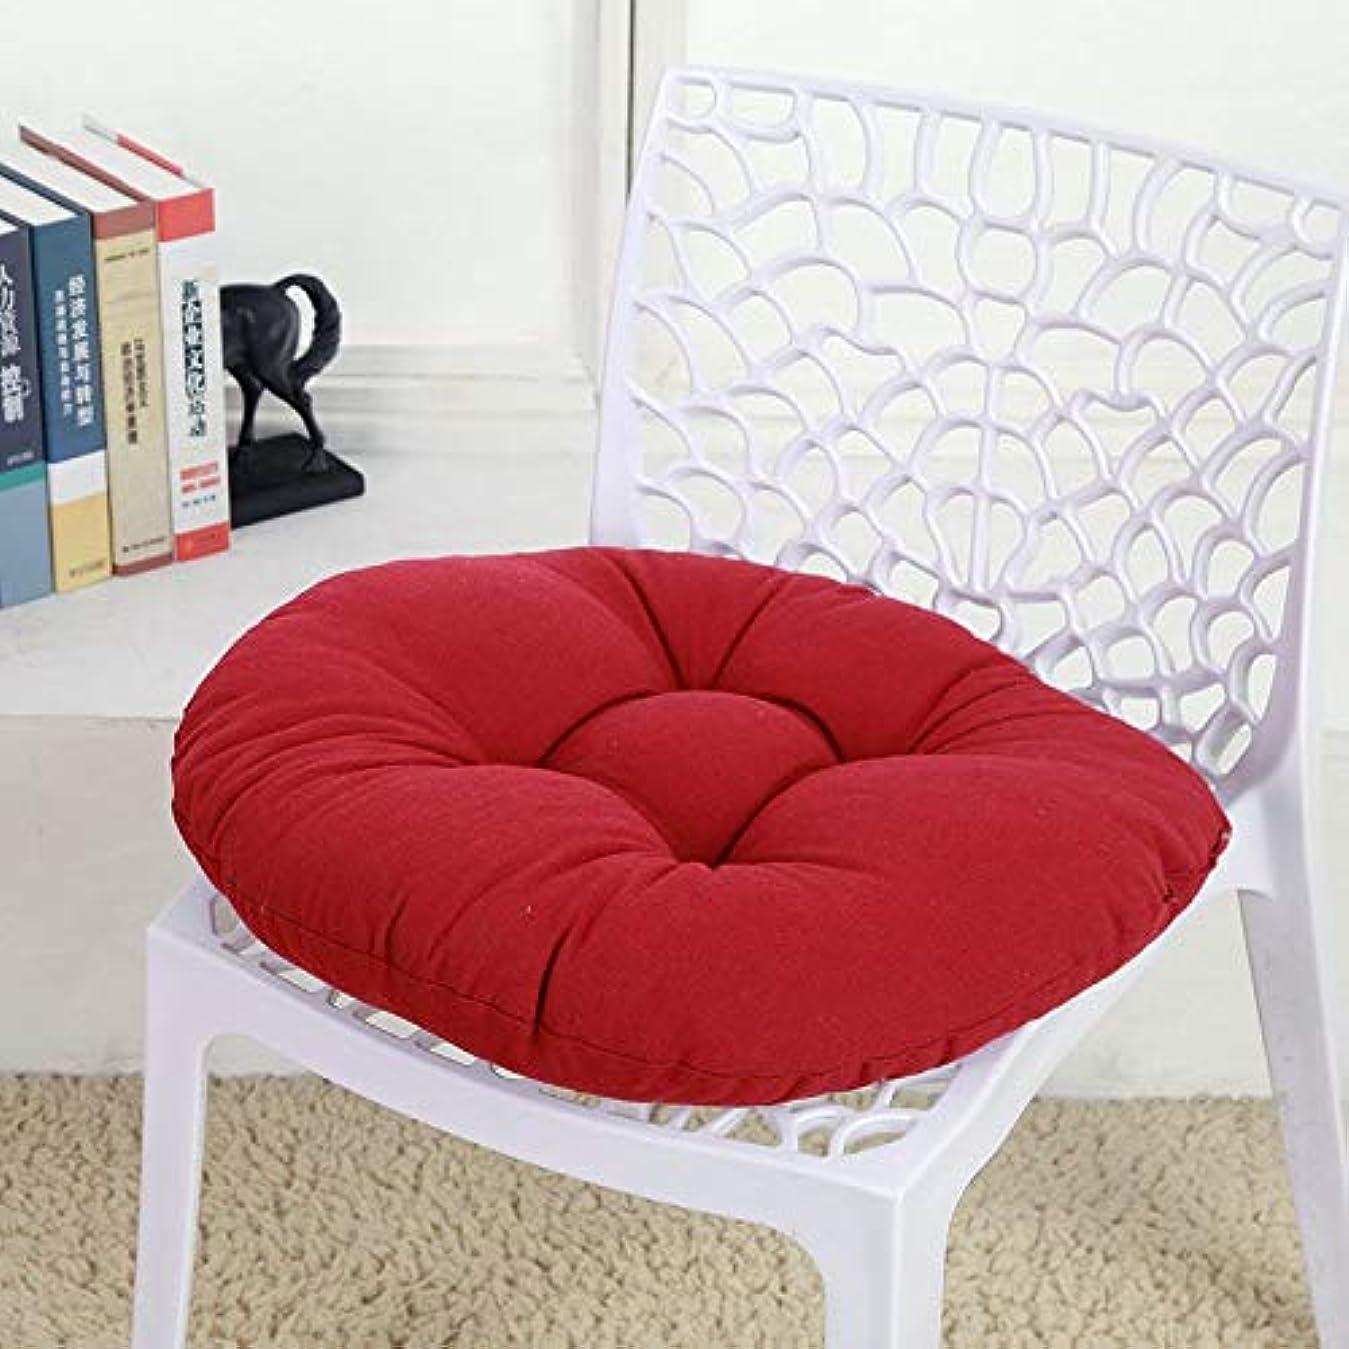 反対するの間でうるさいSMART キャンディカラーのクッションラウンドシートクッション波ウィンドウシートクッションクッション家の装飾パッドラウンド枕シート枕椅子座る枕 クッション 椅子